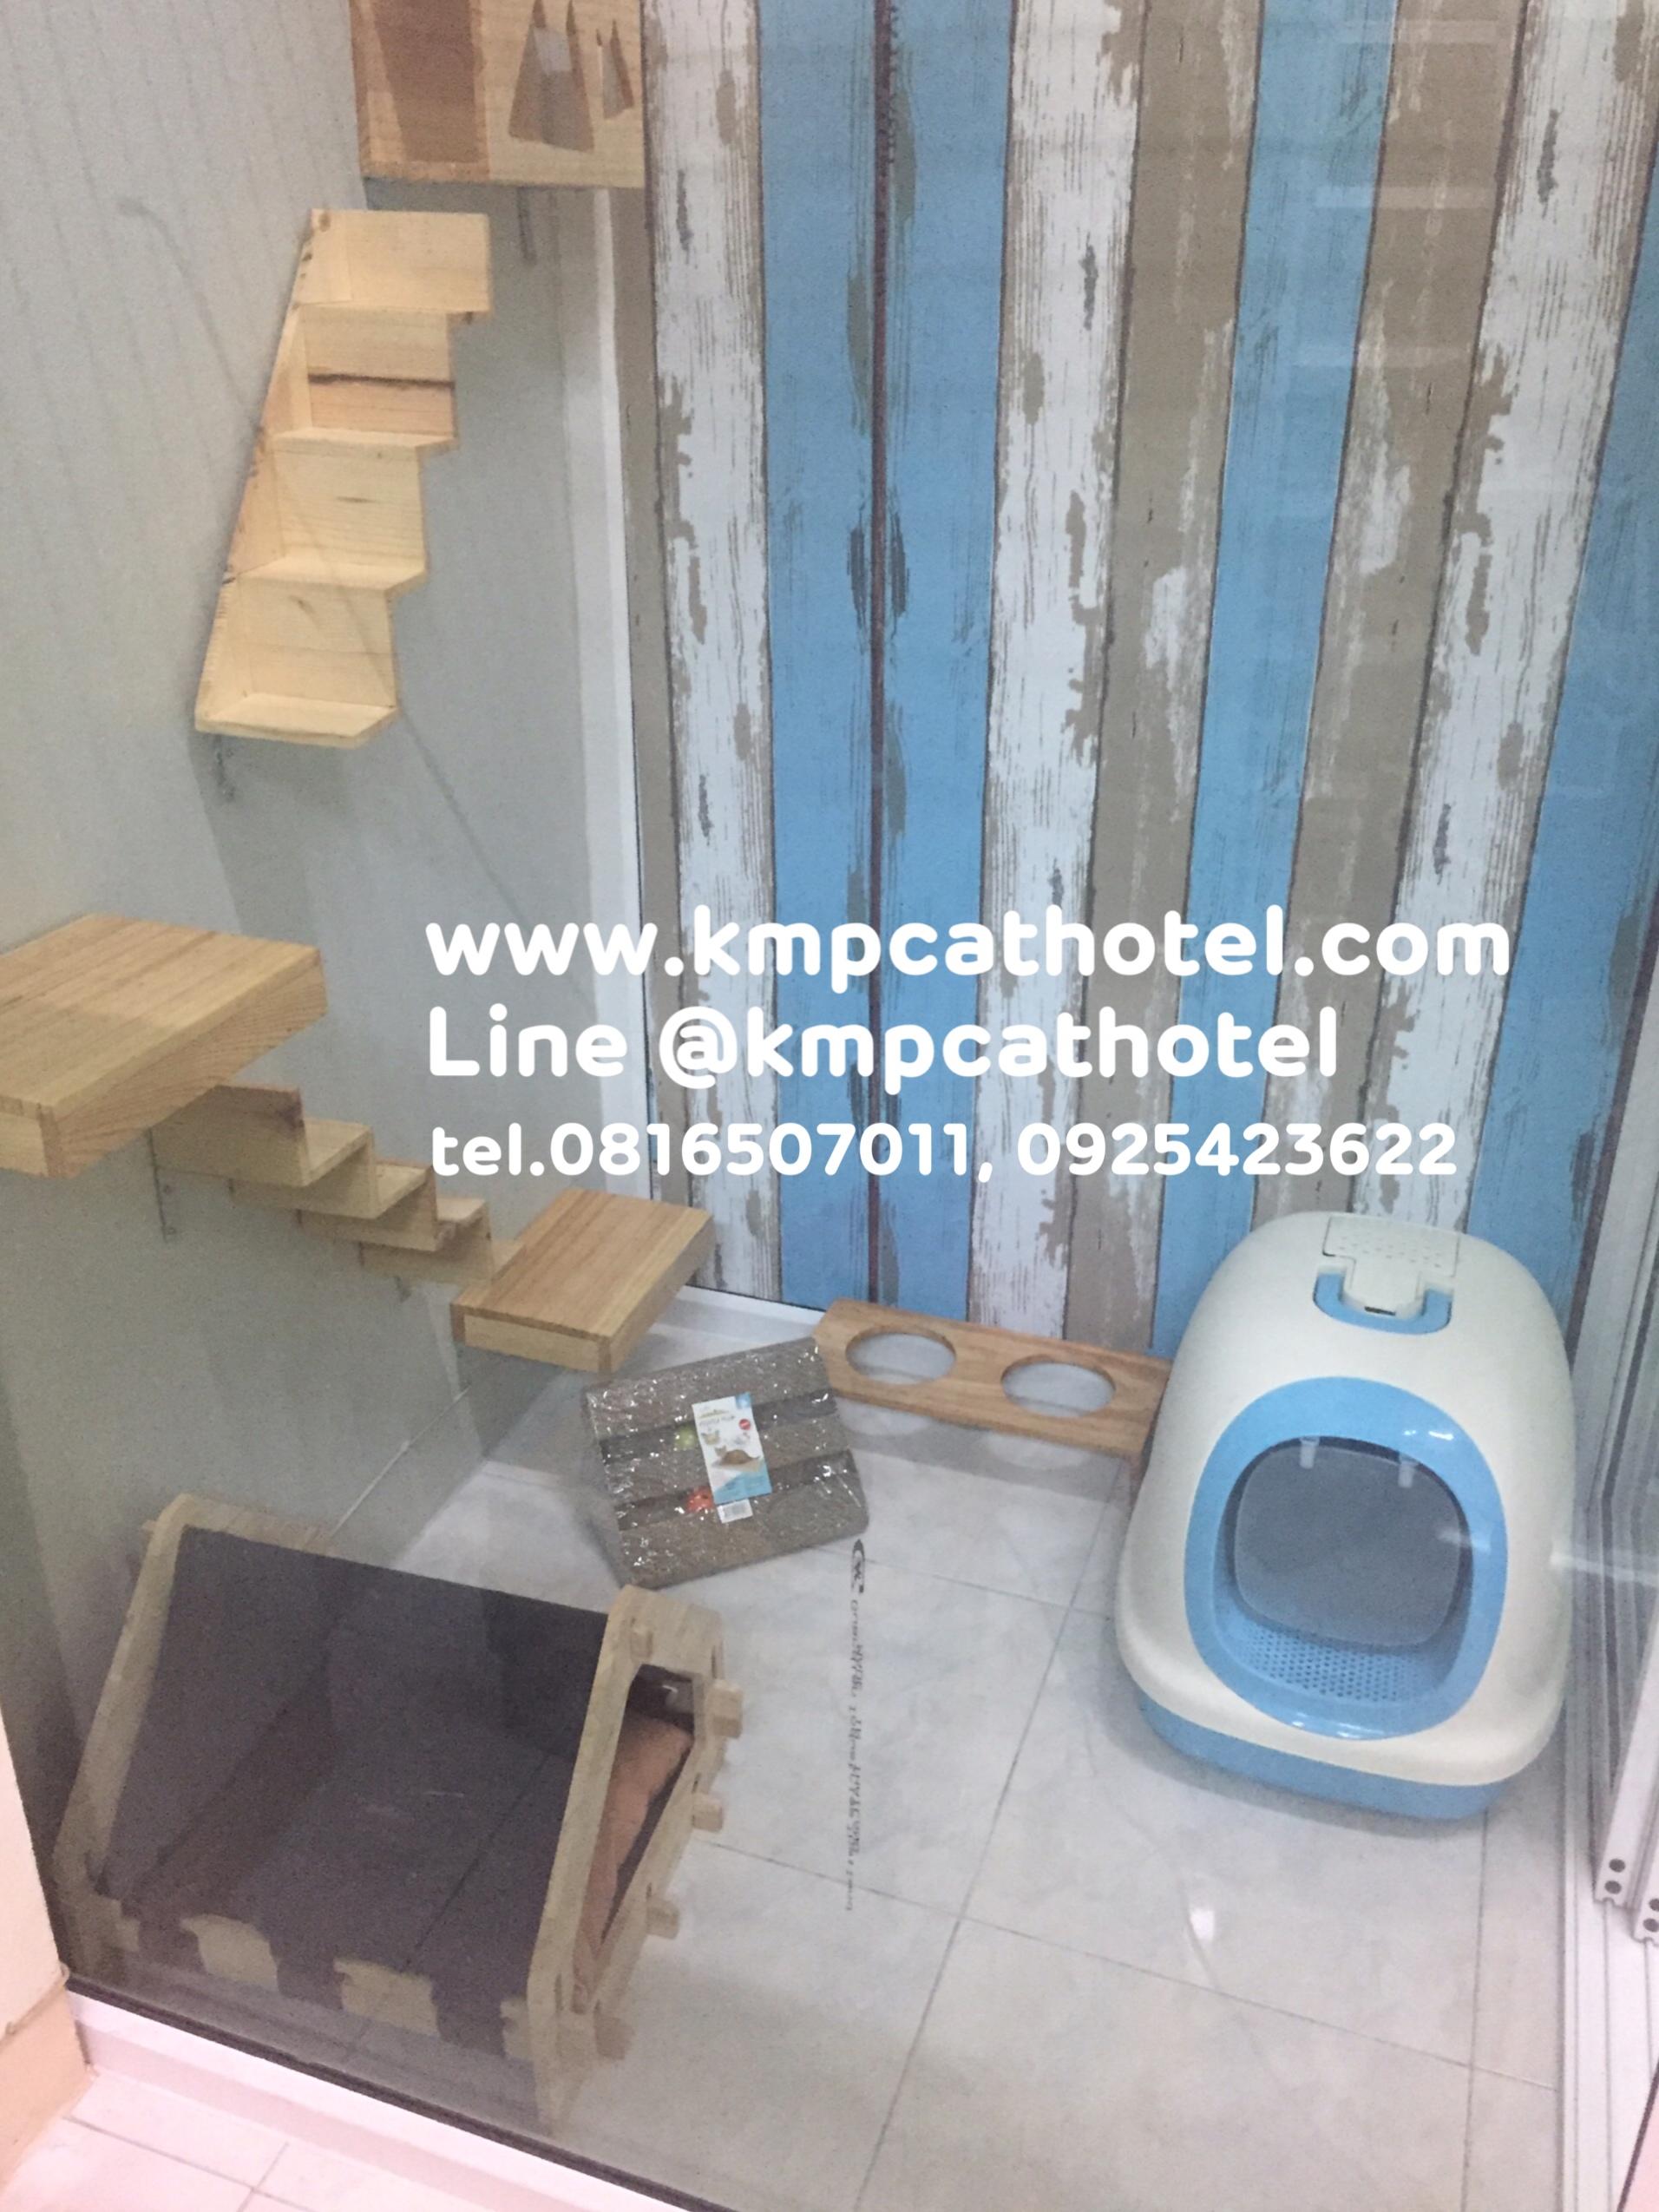 โรงแรมแมว KMP Cat Hotel